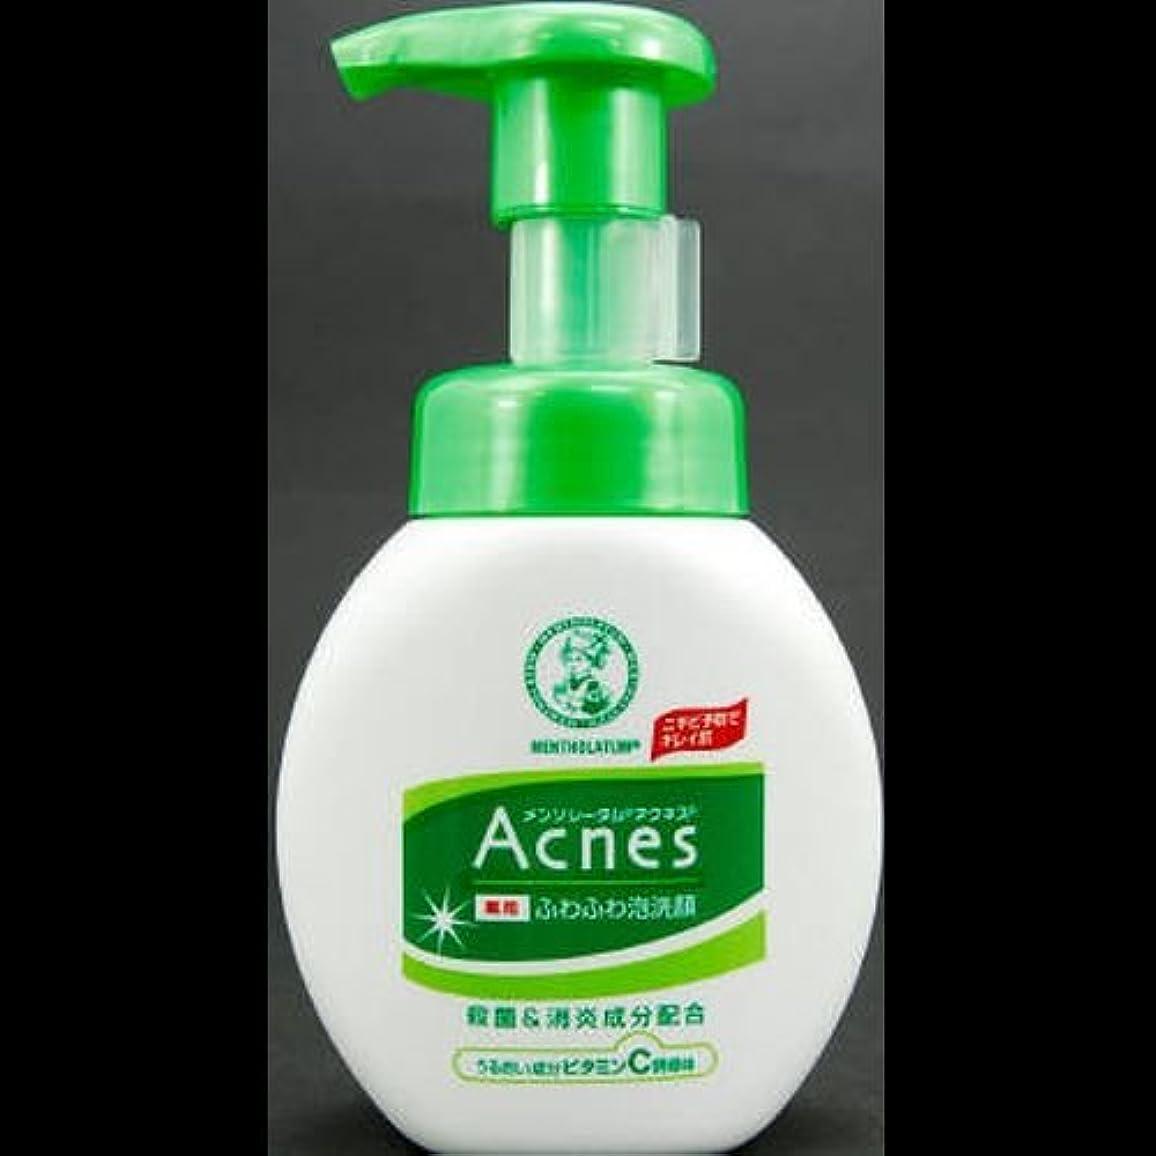 【まとめ買い】アクネス 薬用ふわふわ泡洗顔 160mL ×2セット